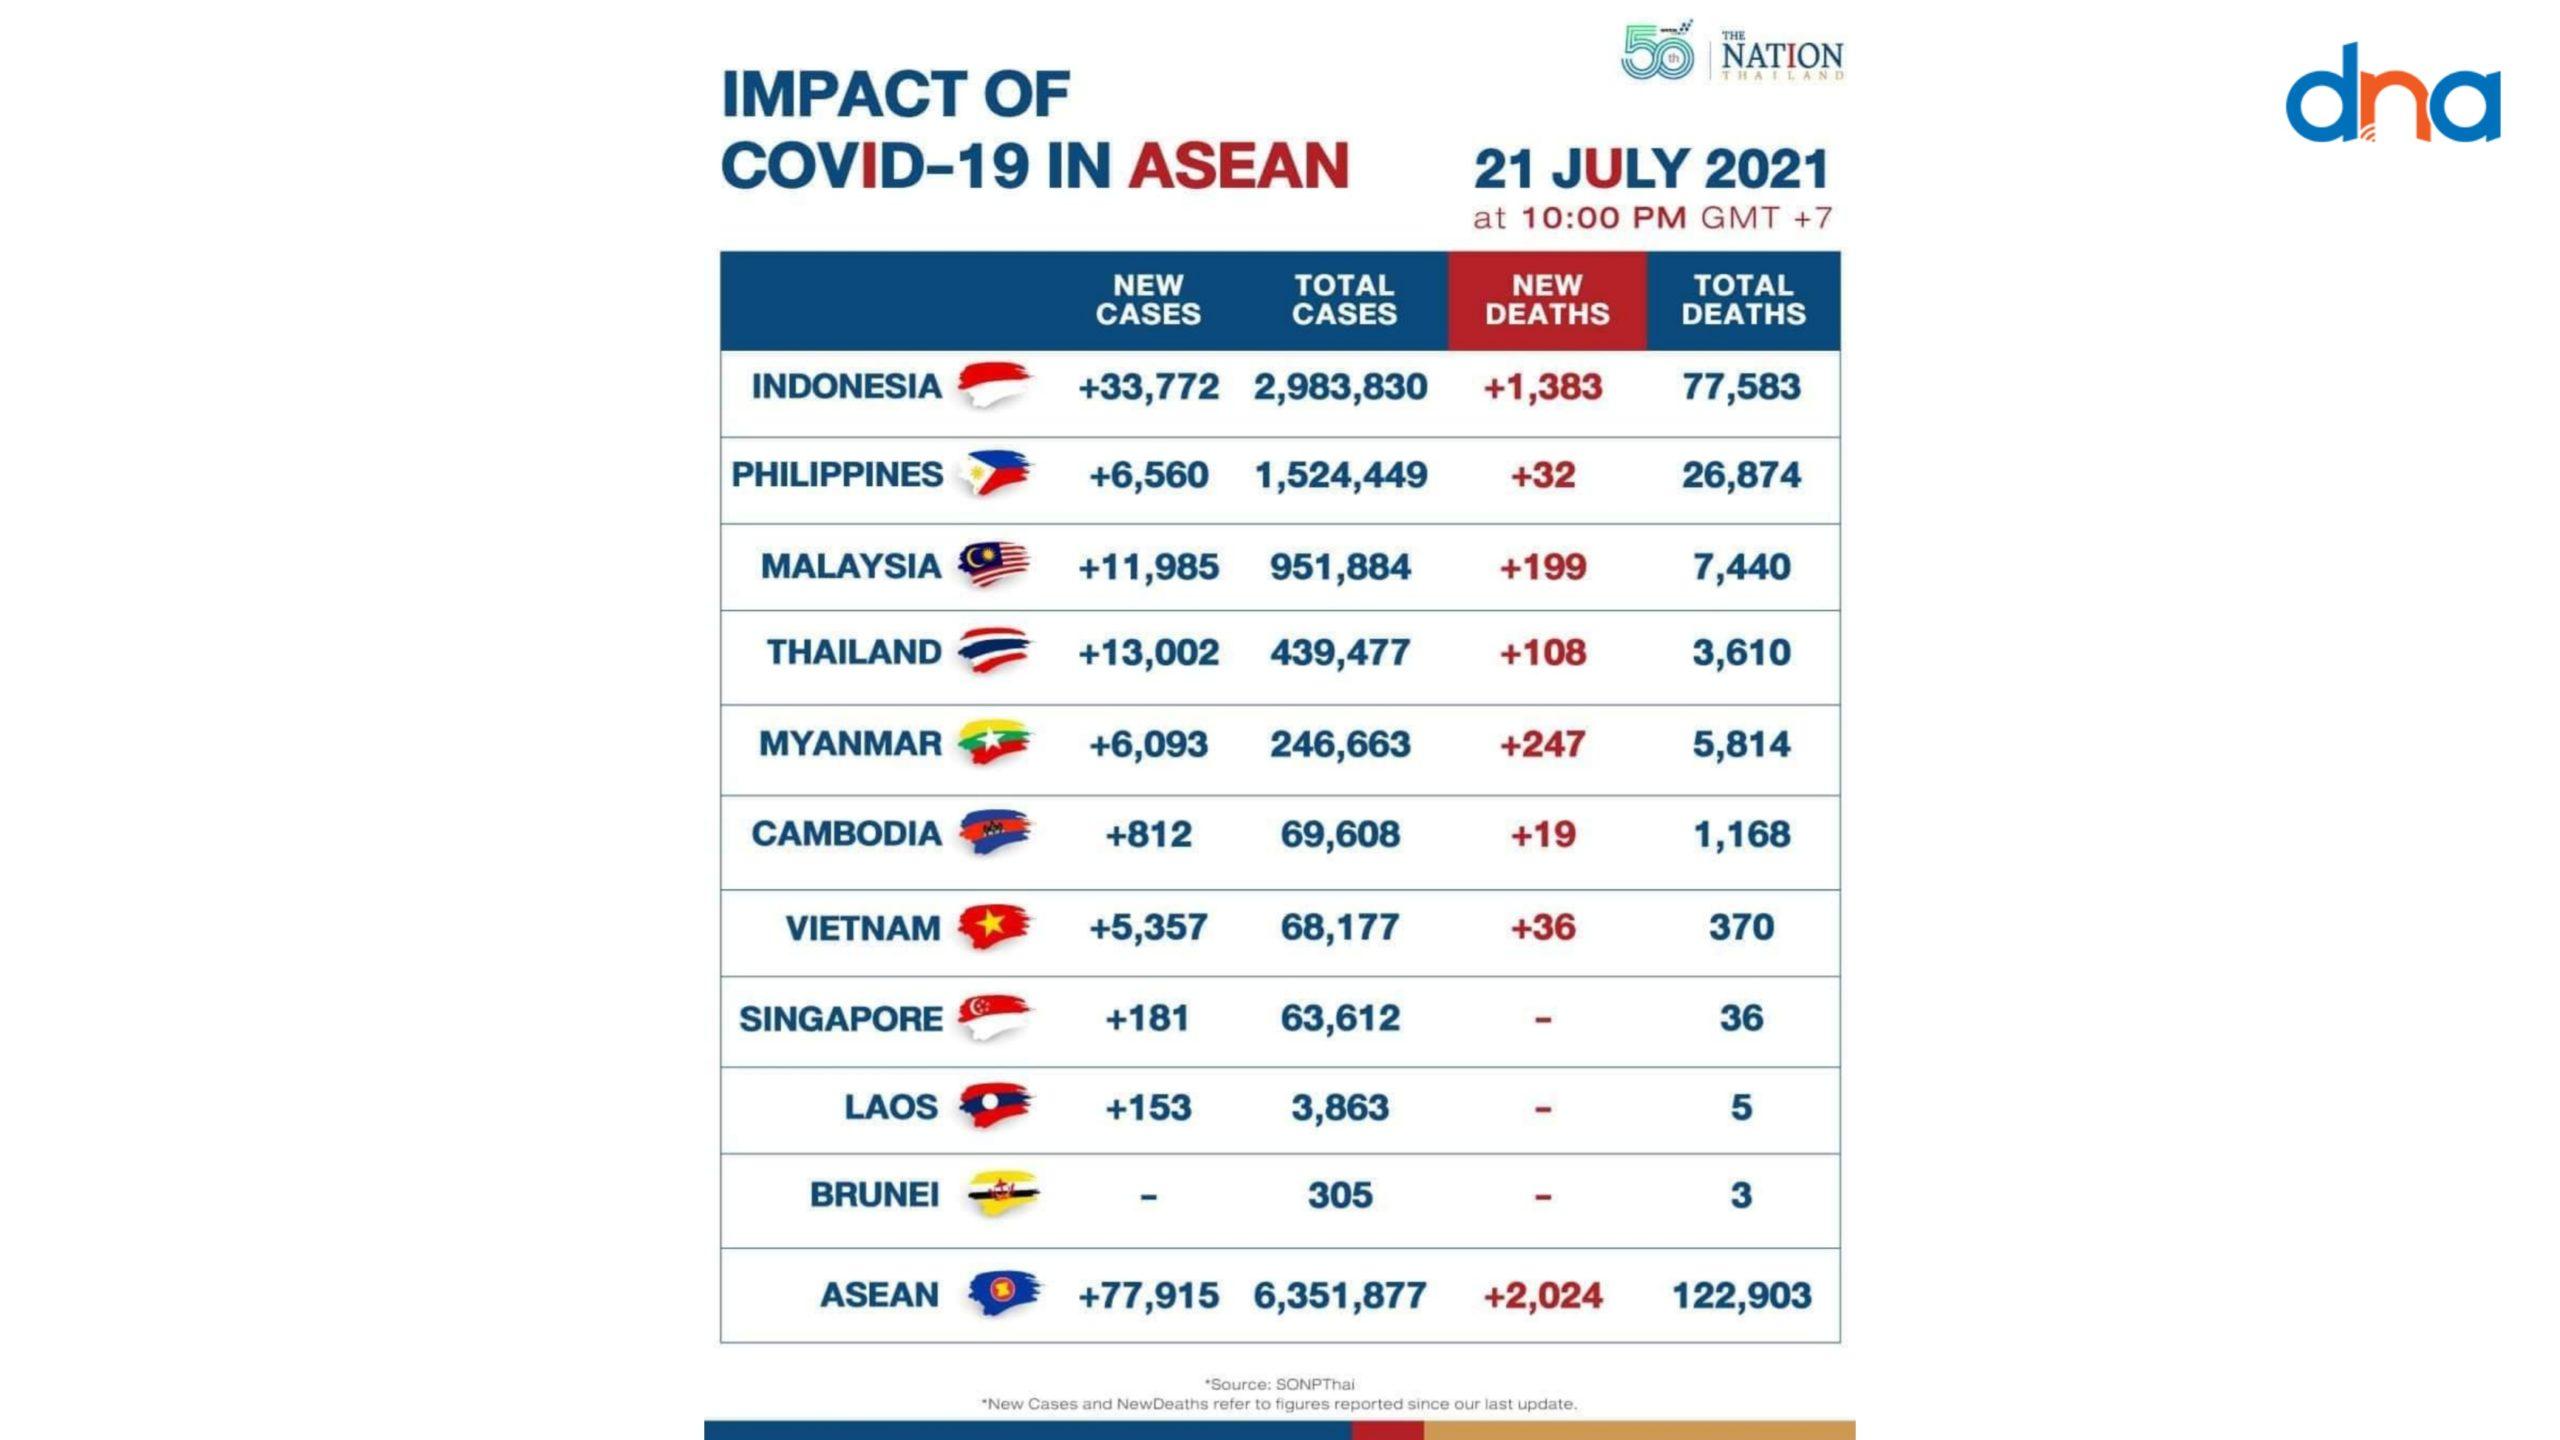 အာဆီယံဒေသတွင်း ကိုဗစ်ရောဂါဖြစ်ပွားမှုအများဆုံးစာရင်းမှာ မြန်မာက နံပါတ် ၅ရှိနေ